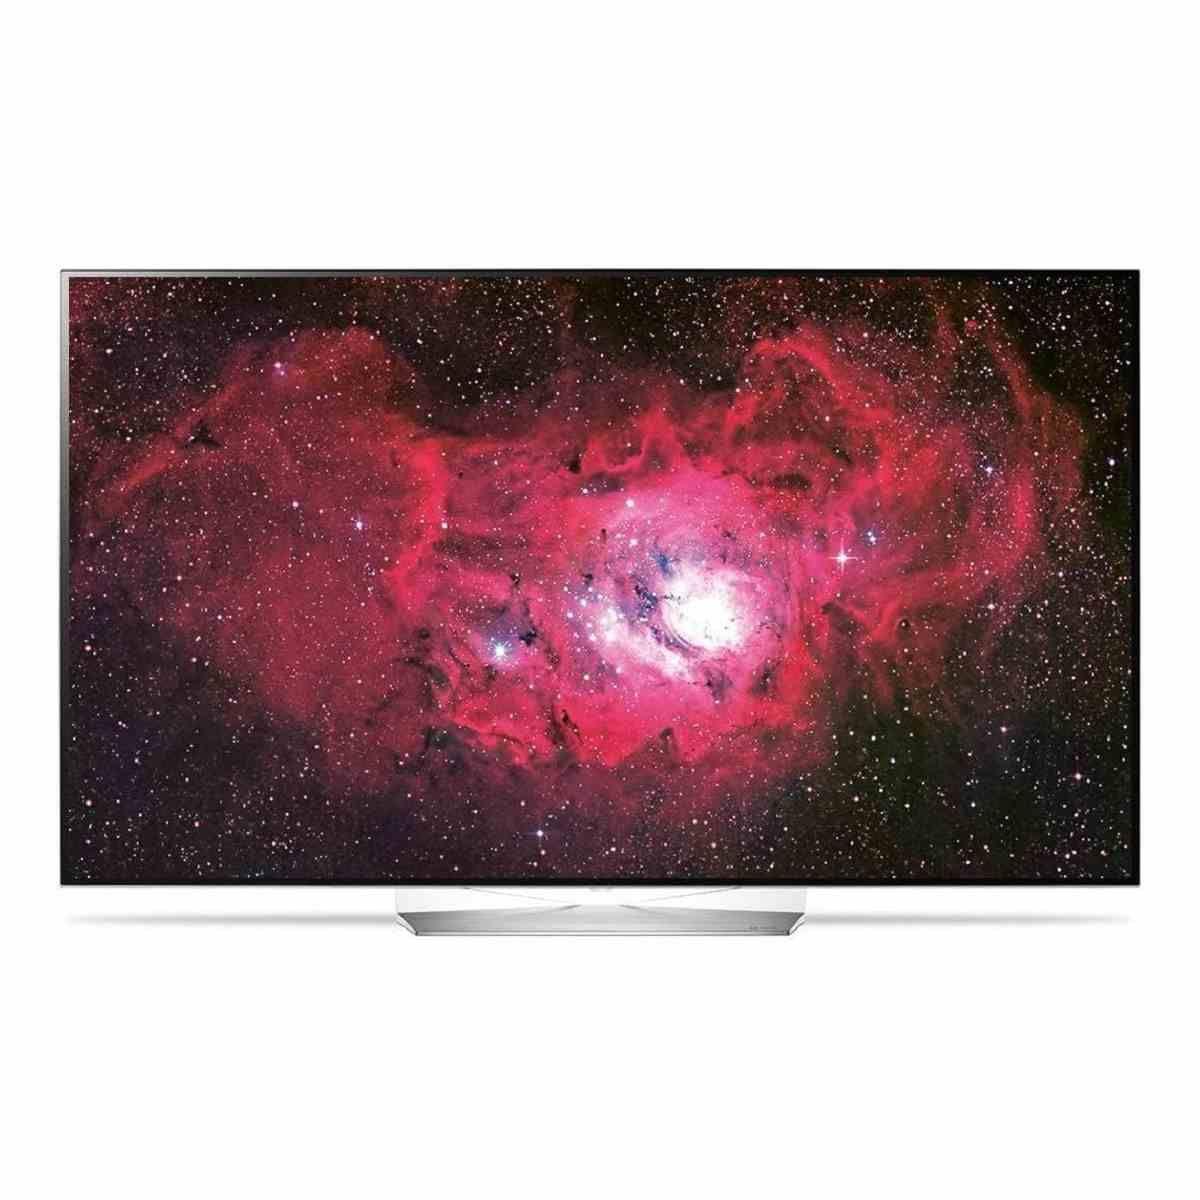 എൽജി 55 ഇഞ്ചുകൾ 4K Ultra HD OLED ടിവി (OLED55B7T)